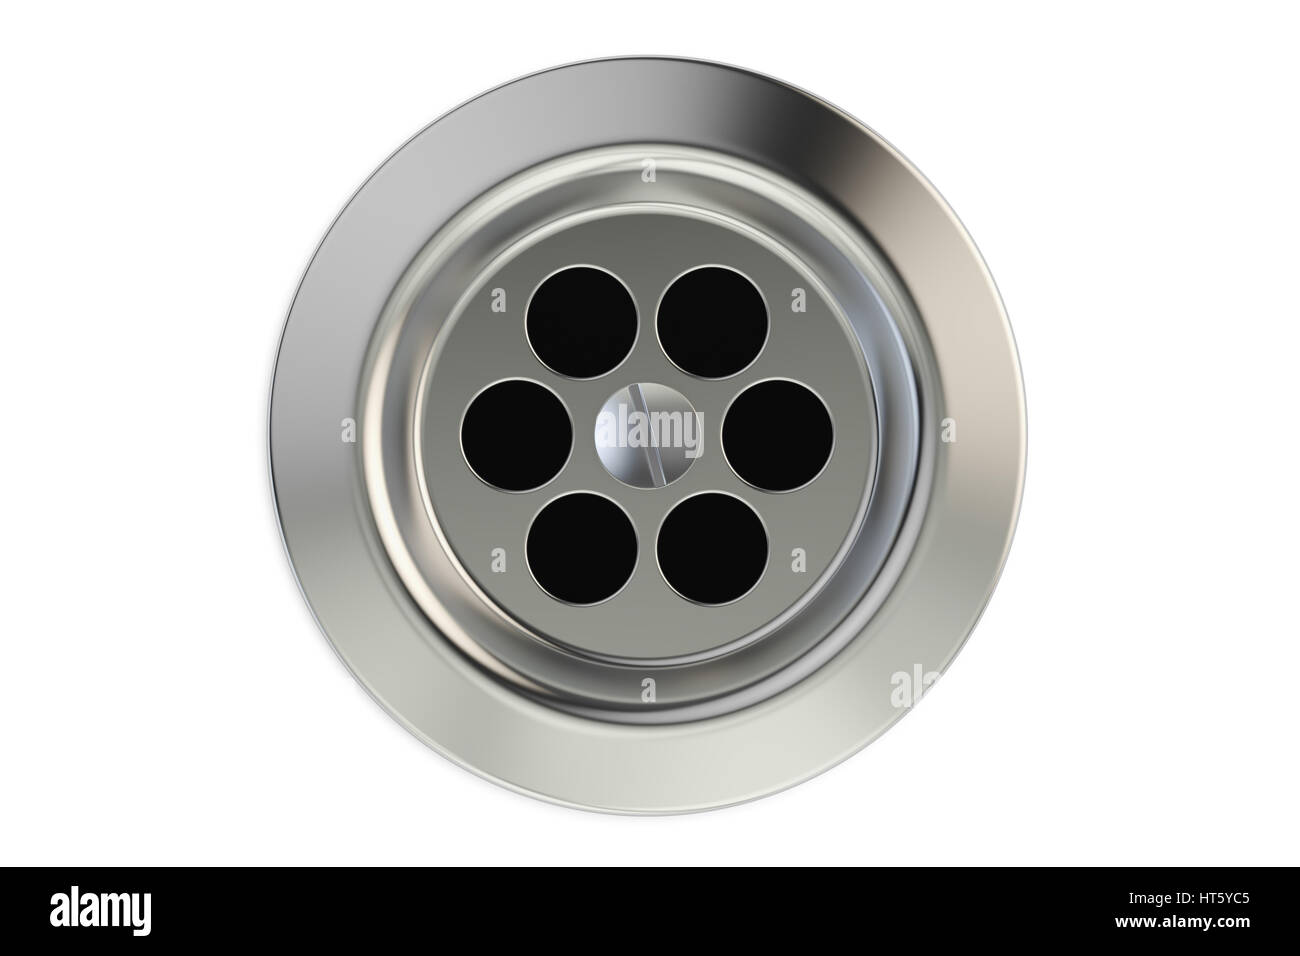 vue du dessus de l'évier de cuisine, de l'orifice du bouchon de